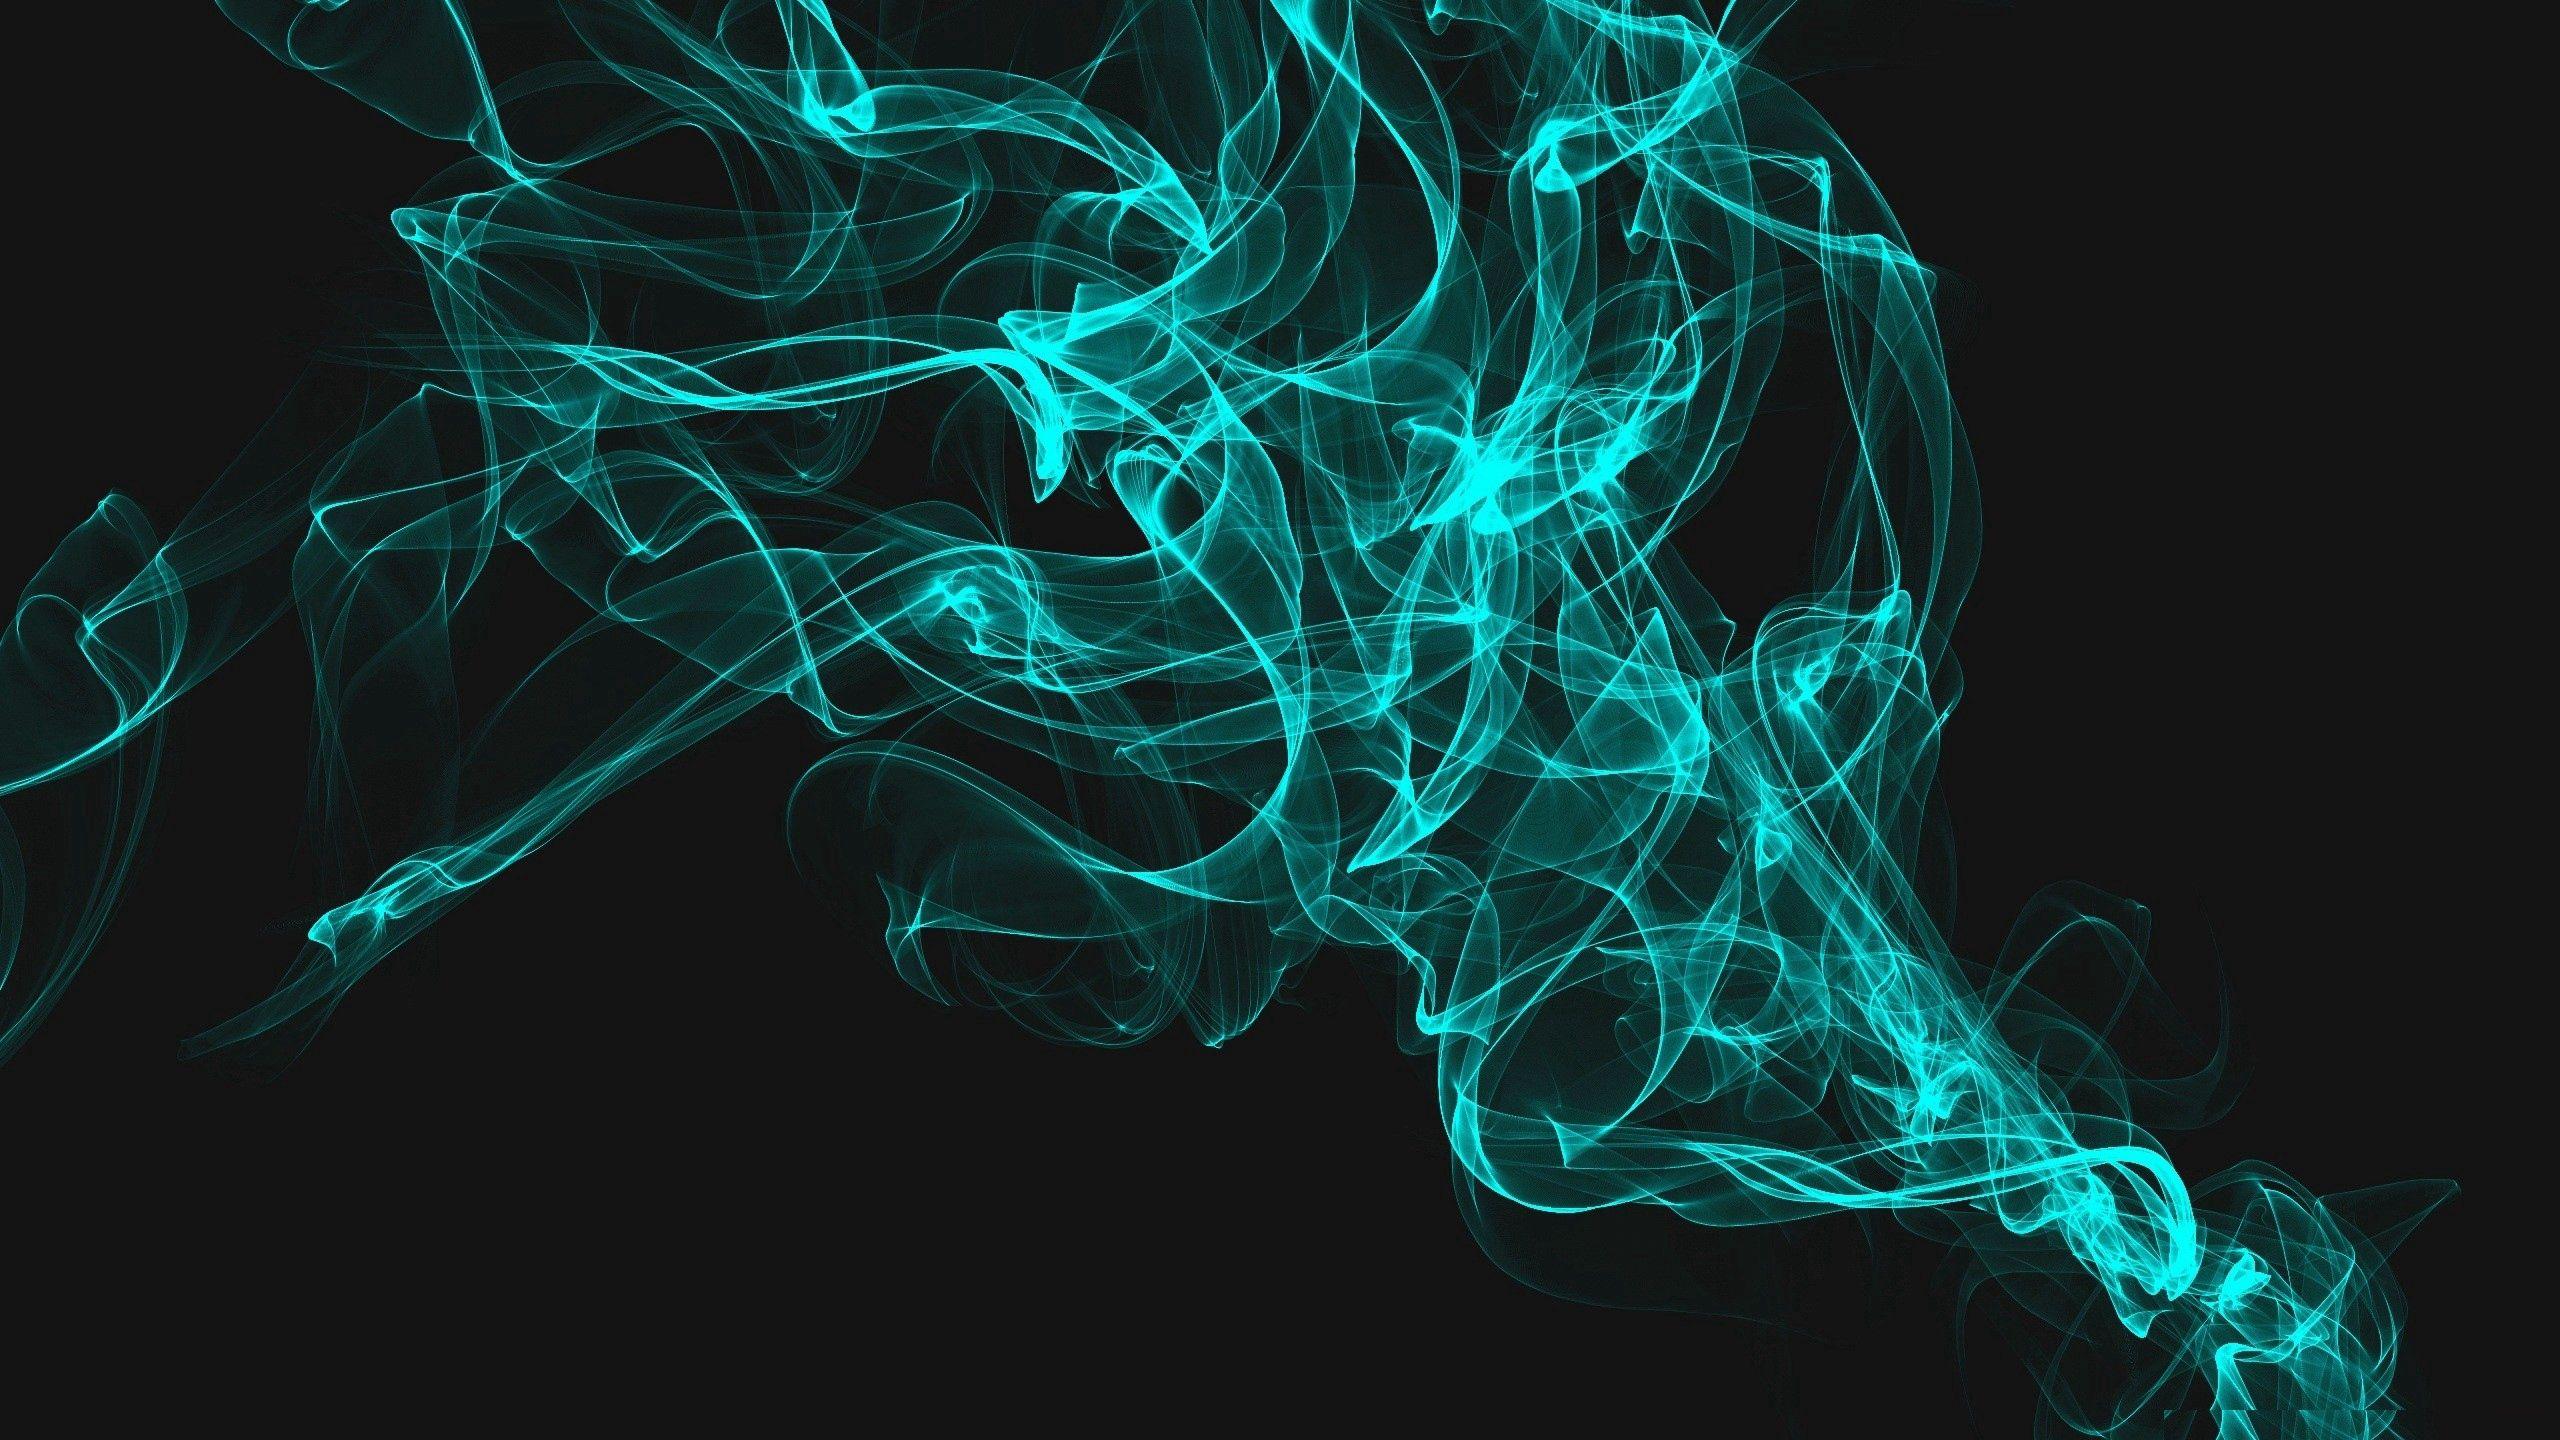 137510 Заставки и Обои Дым на телефон. Скачать Дым, Абстракция, Фон, Линии, Волнистый картинки бесплатно